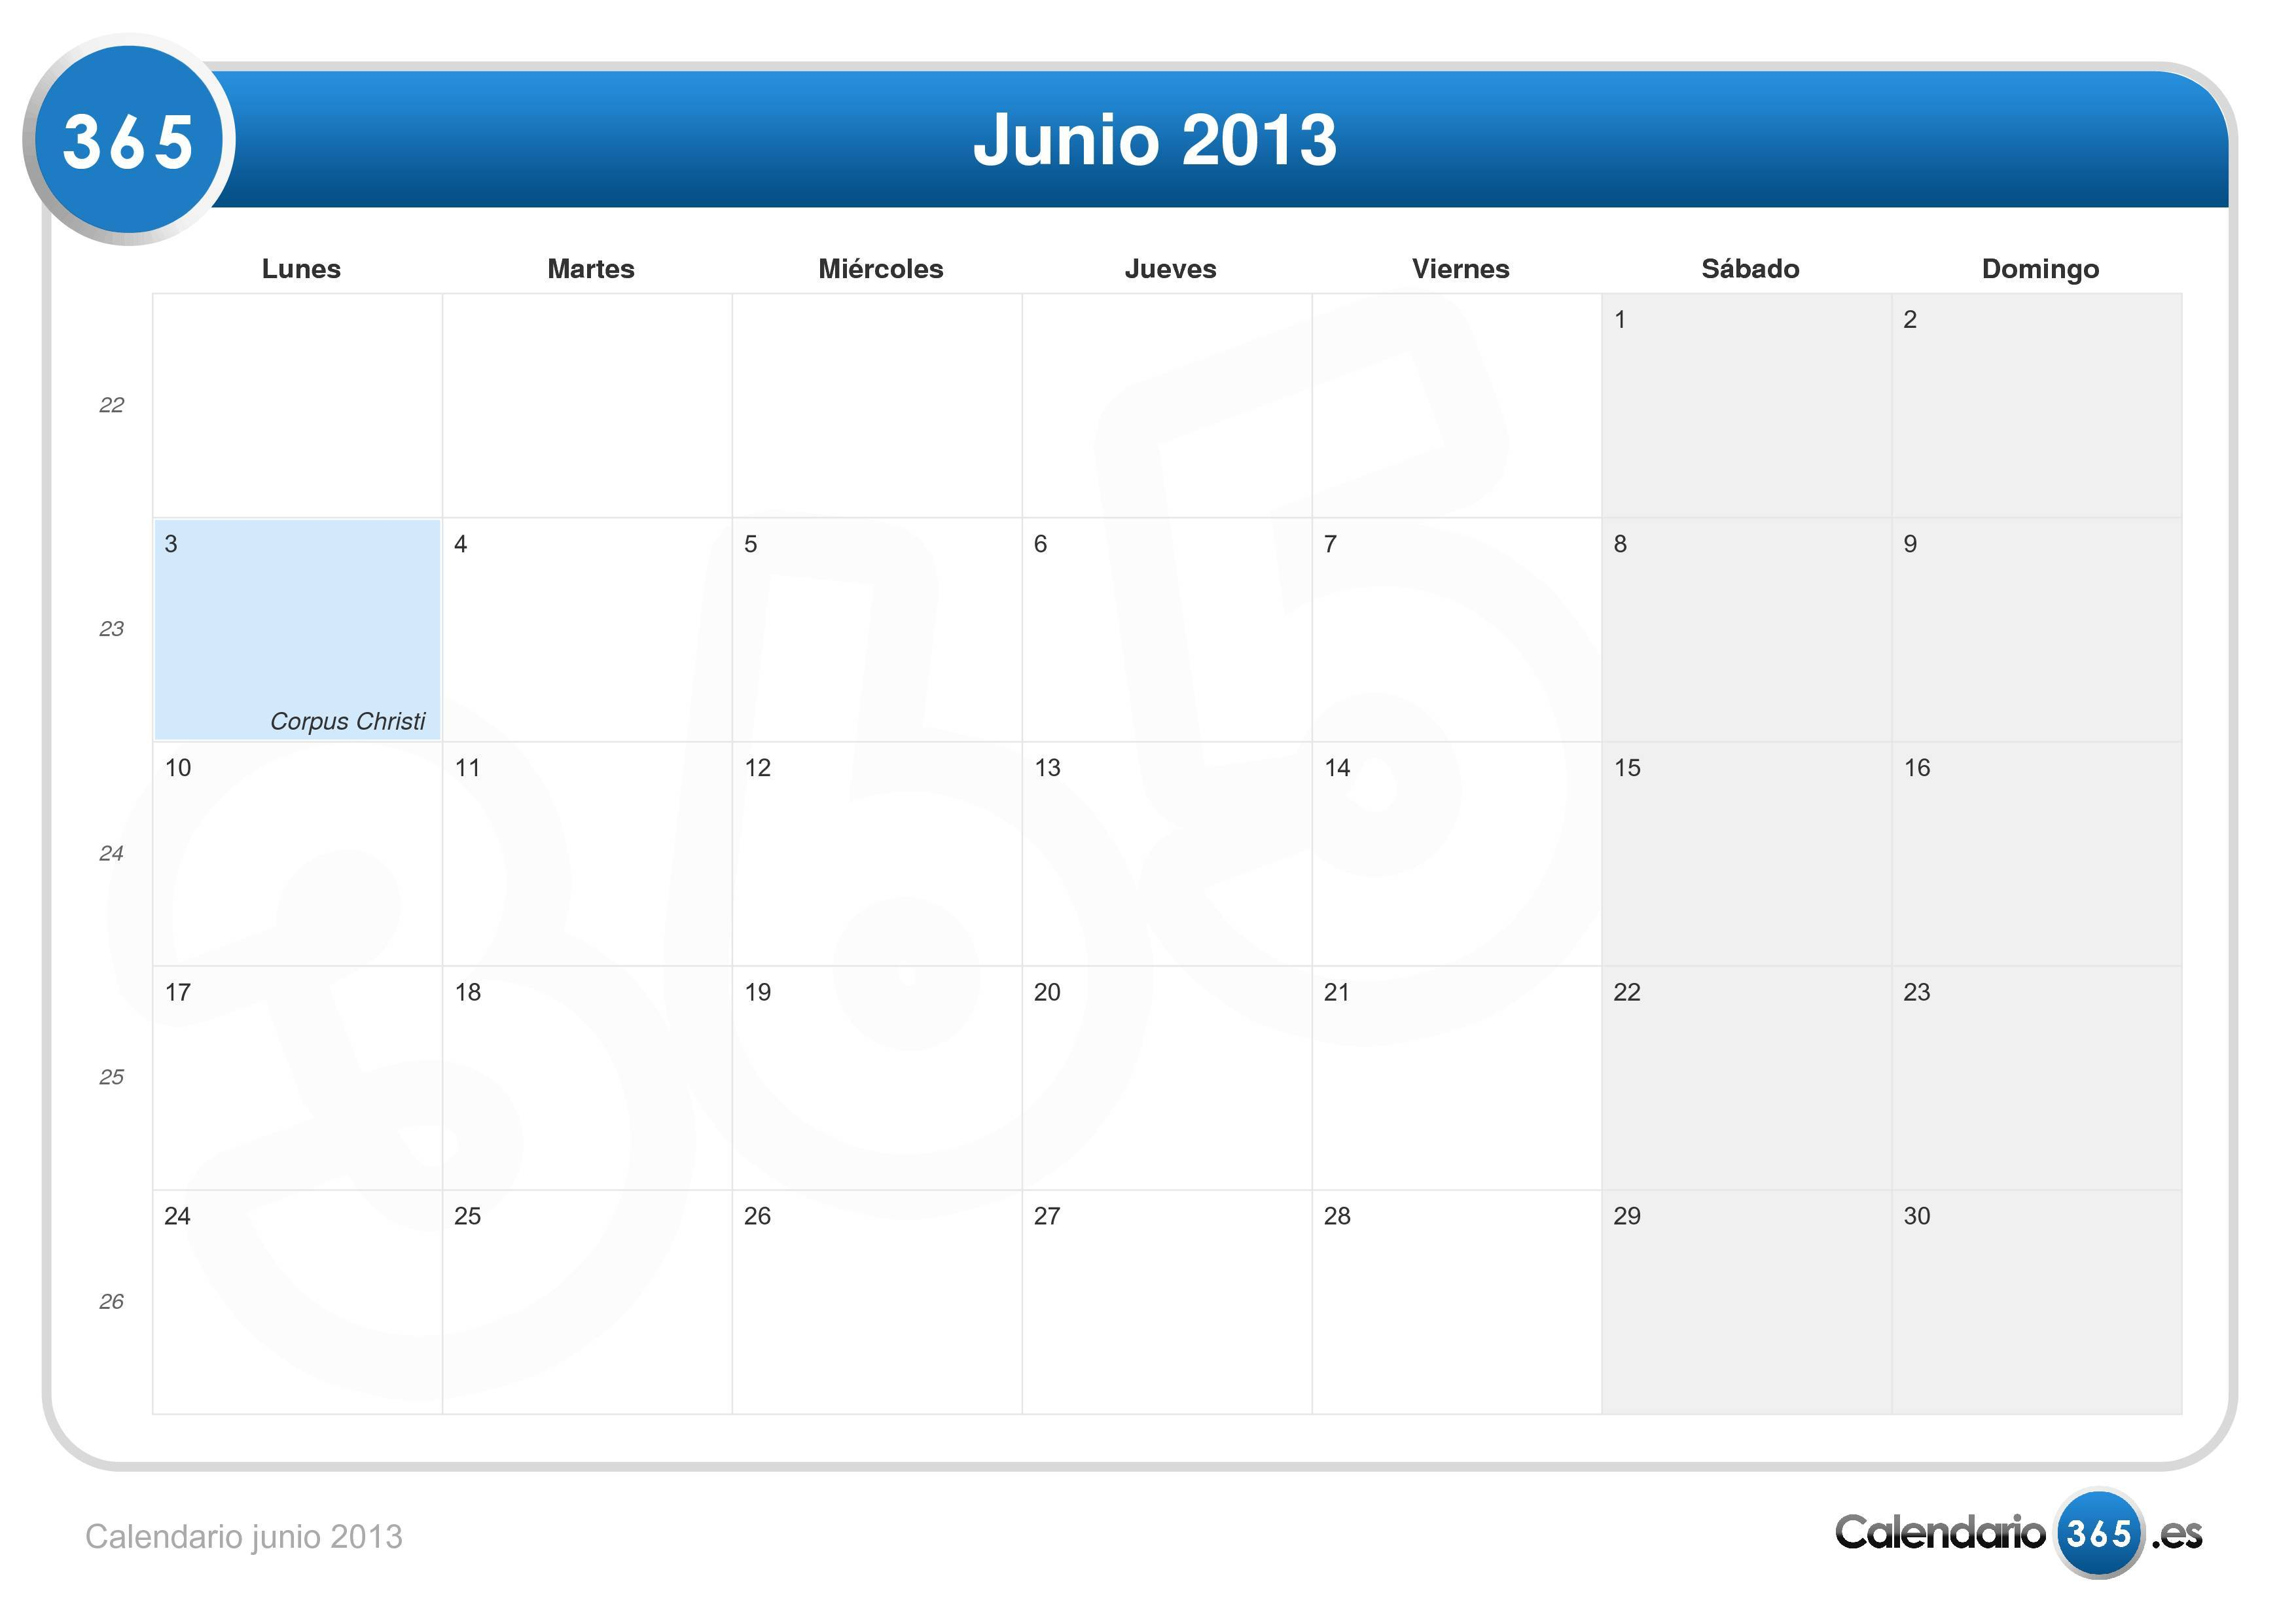 Calendario Junio 2013